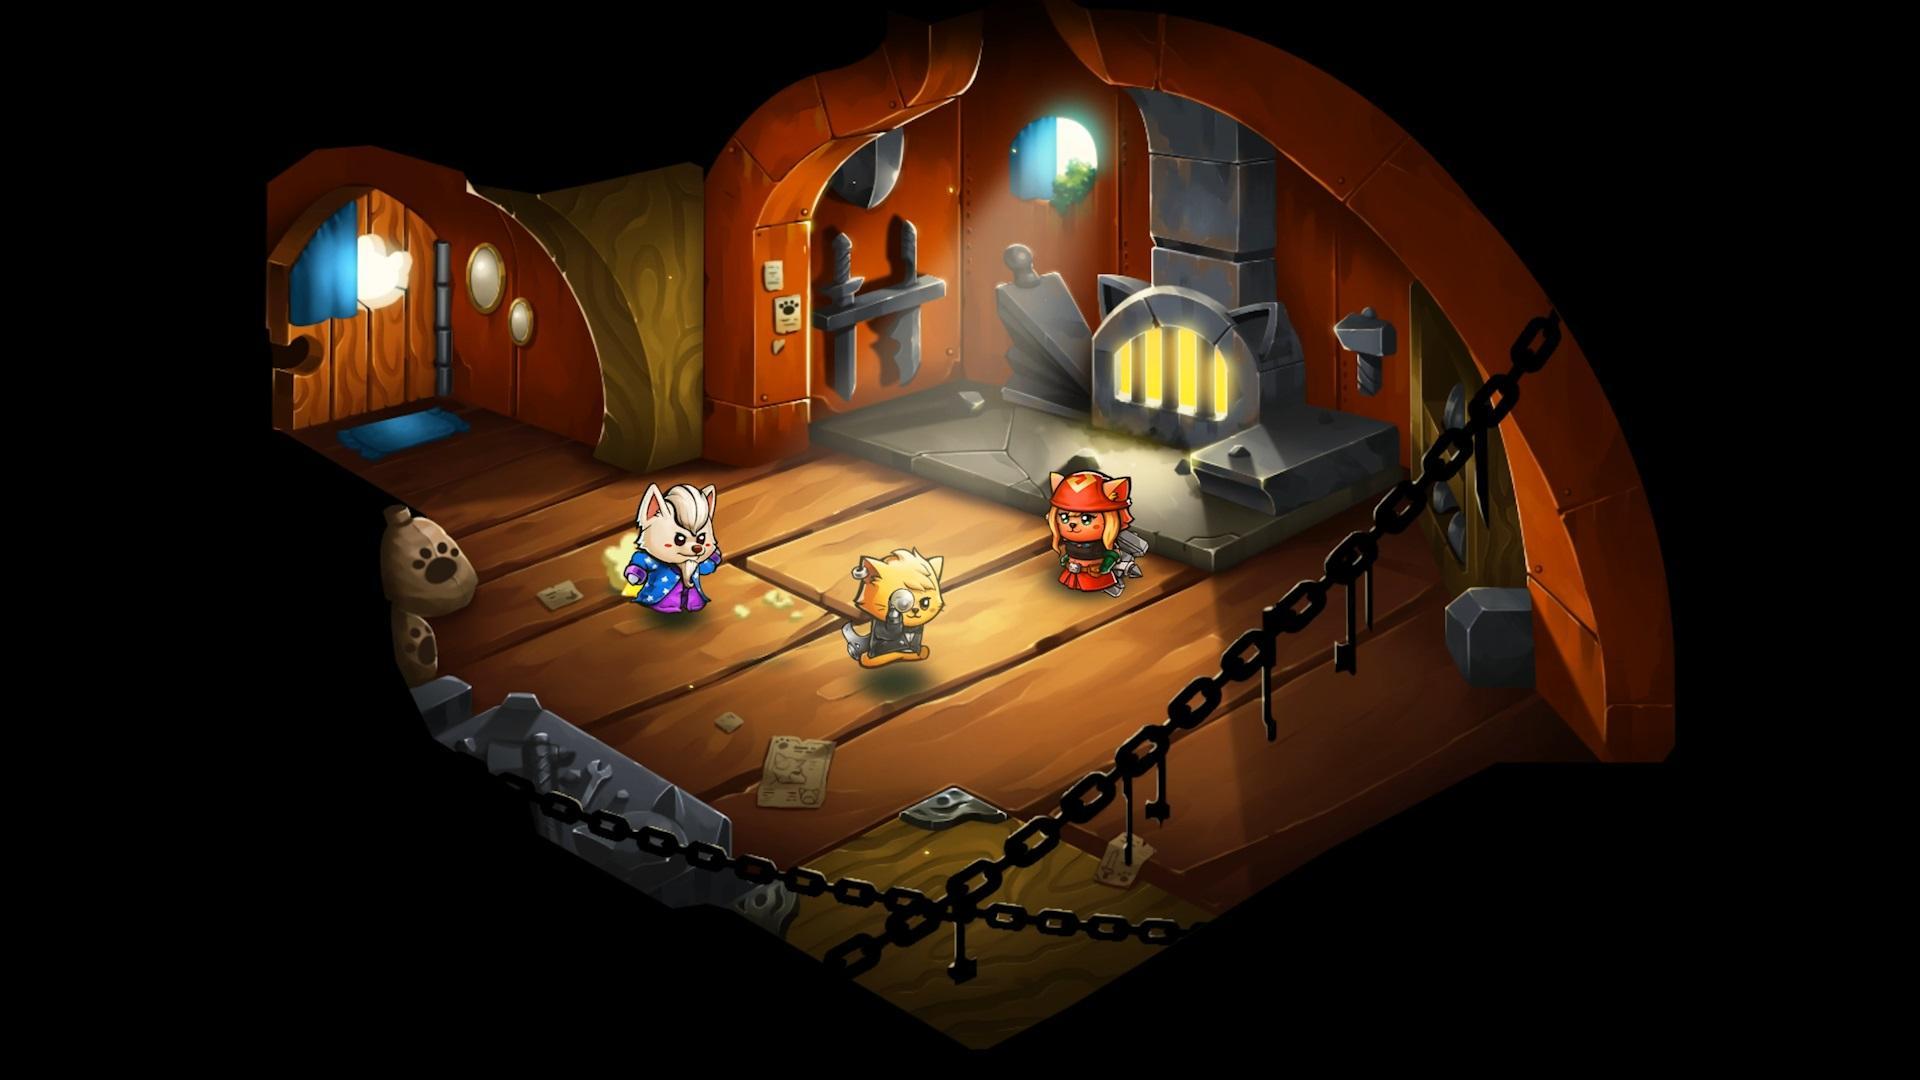 Cat Quest II jeu vidéo rpg aventure amélioration armes équipement forgeron minou